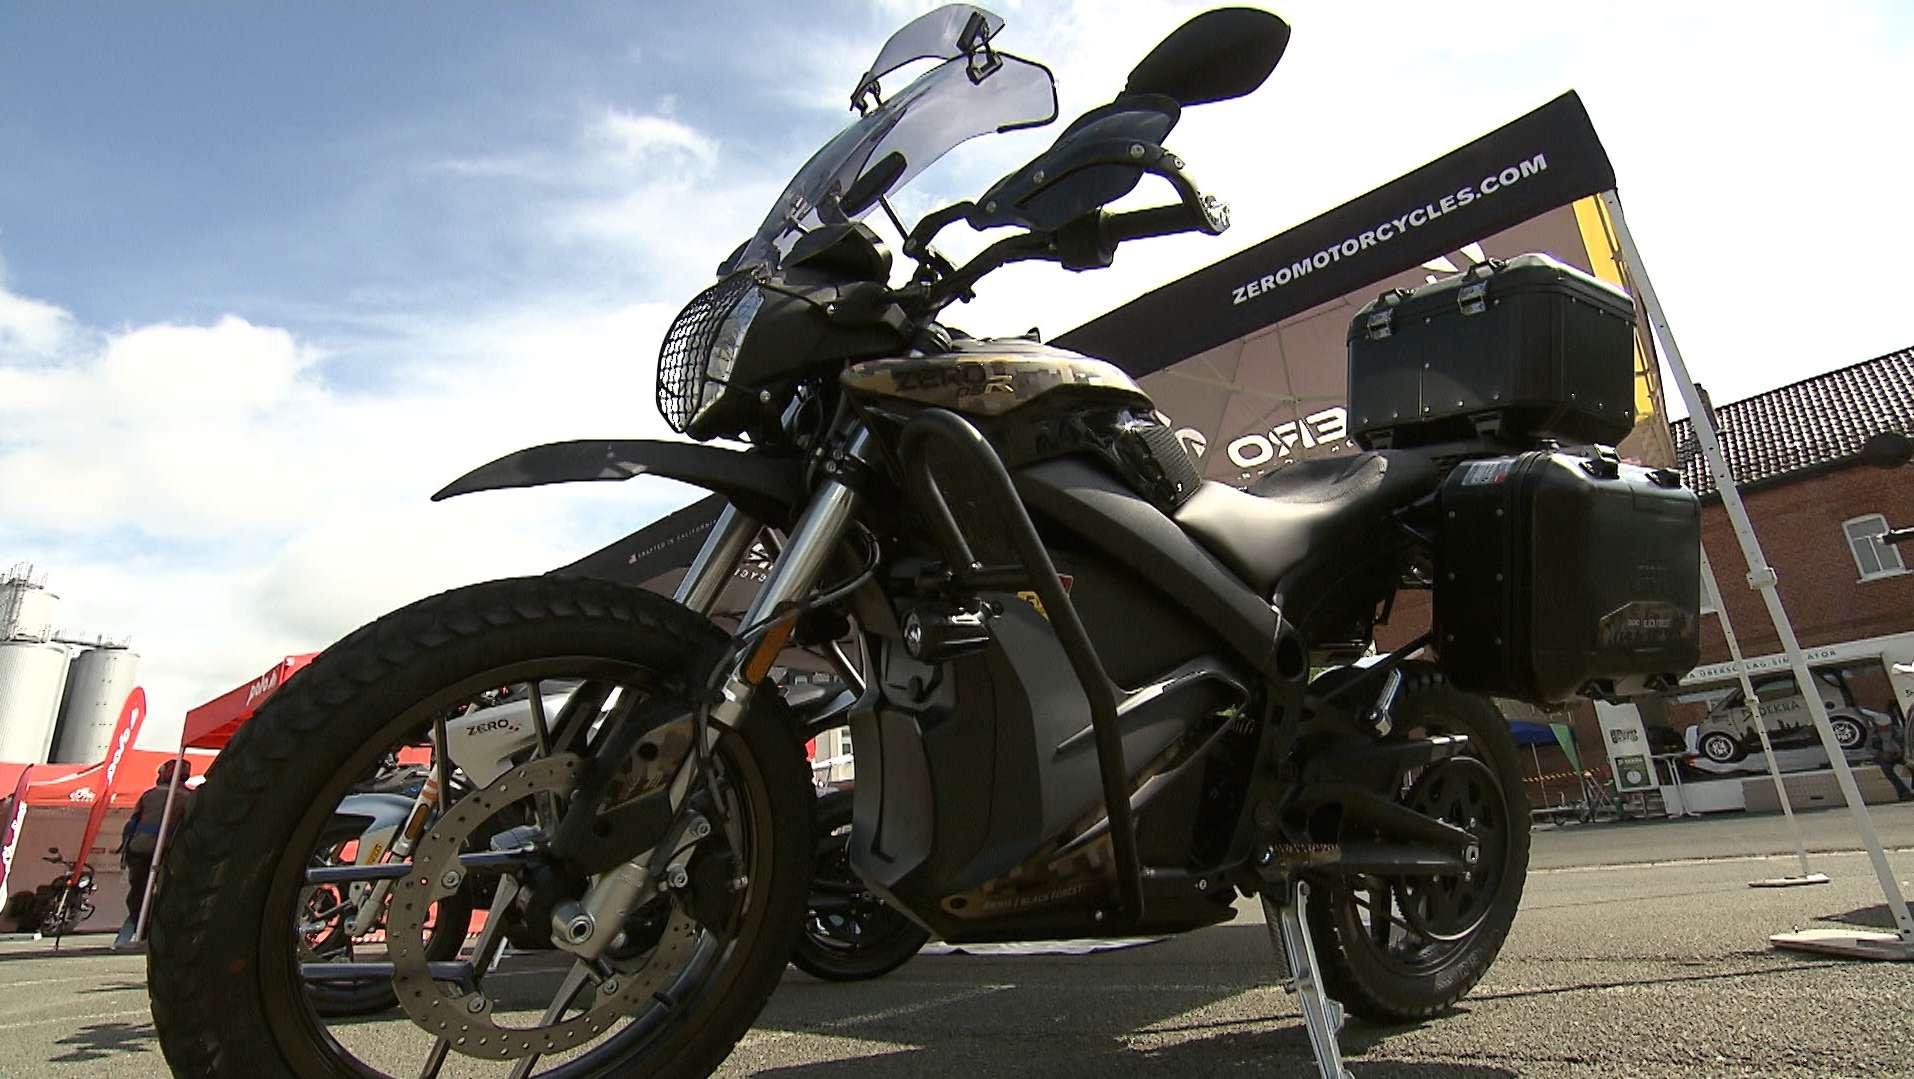 Bei der Motorrad-Sternfahrt in Kulmbach stehen mehrere Motorräder auf einem Parkplatz.